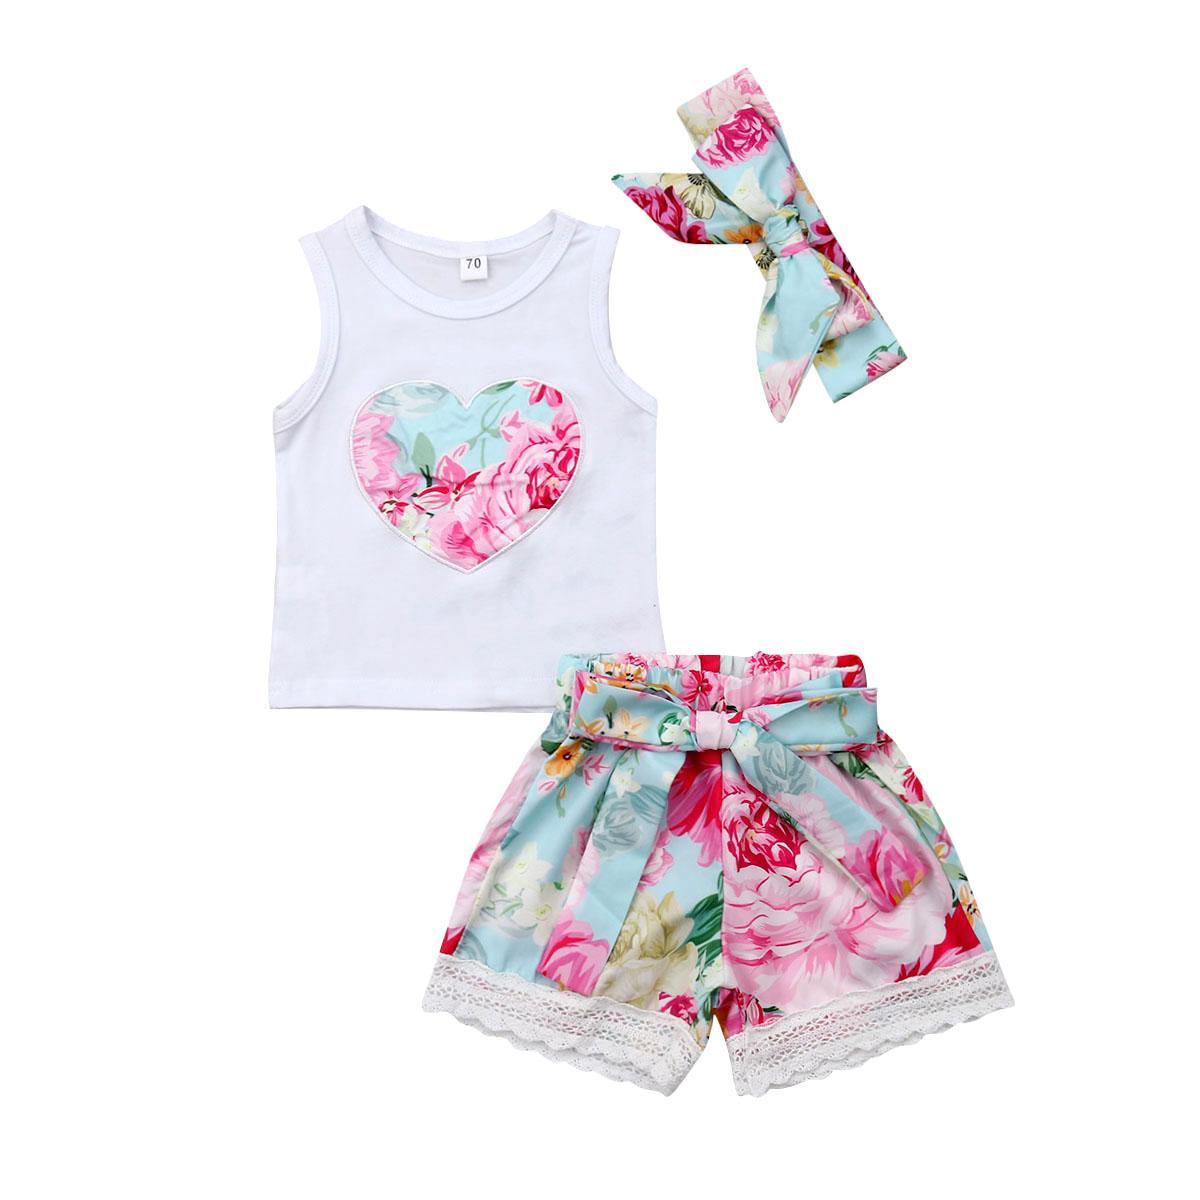 2019 новый стиль летние дети детская мода девушка одежда цветочные топы + шорты + оголовье наряд Sunsuit Set 3 шт.